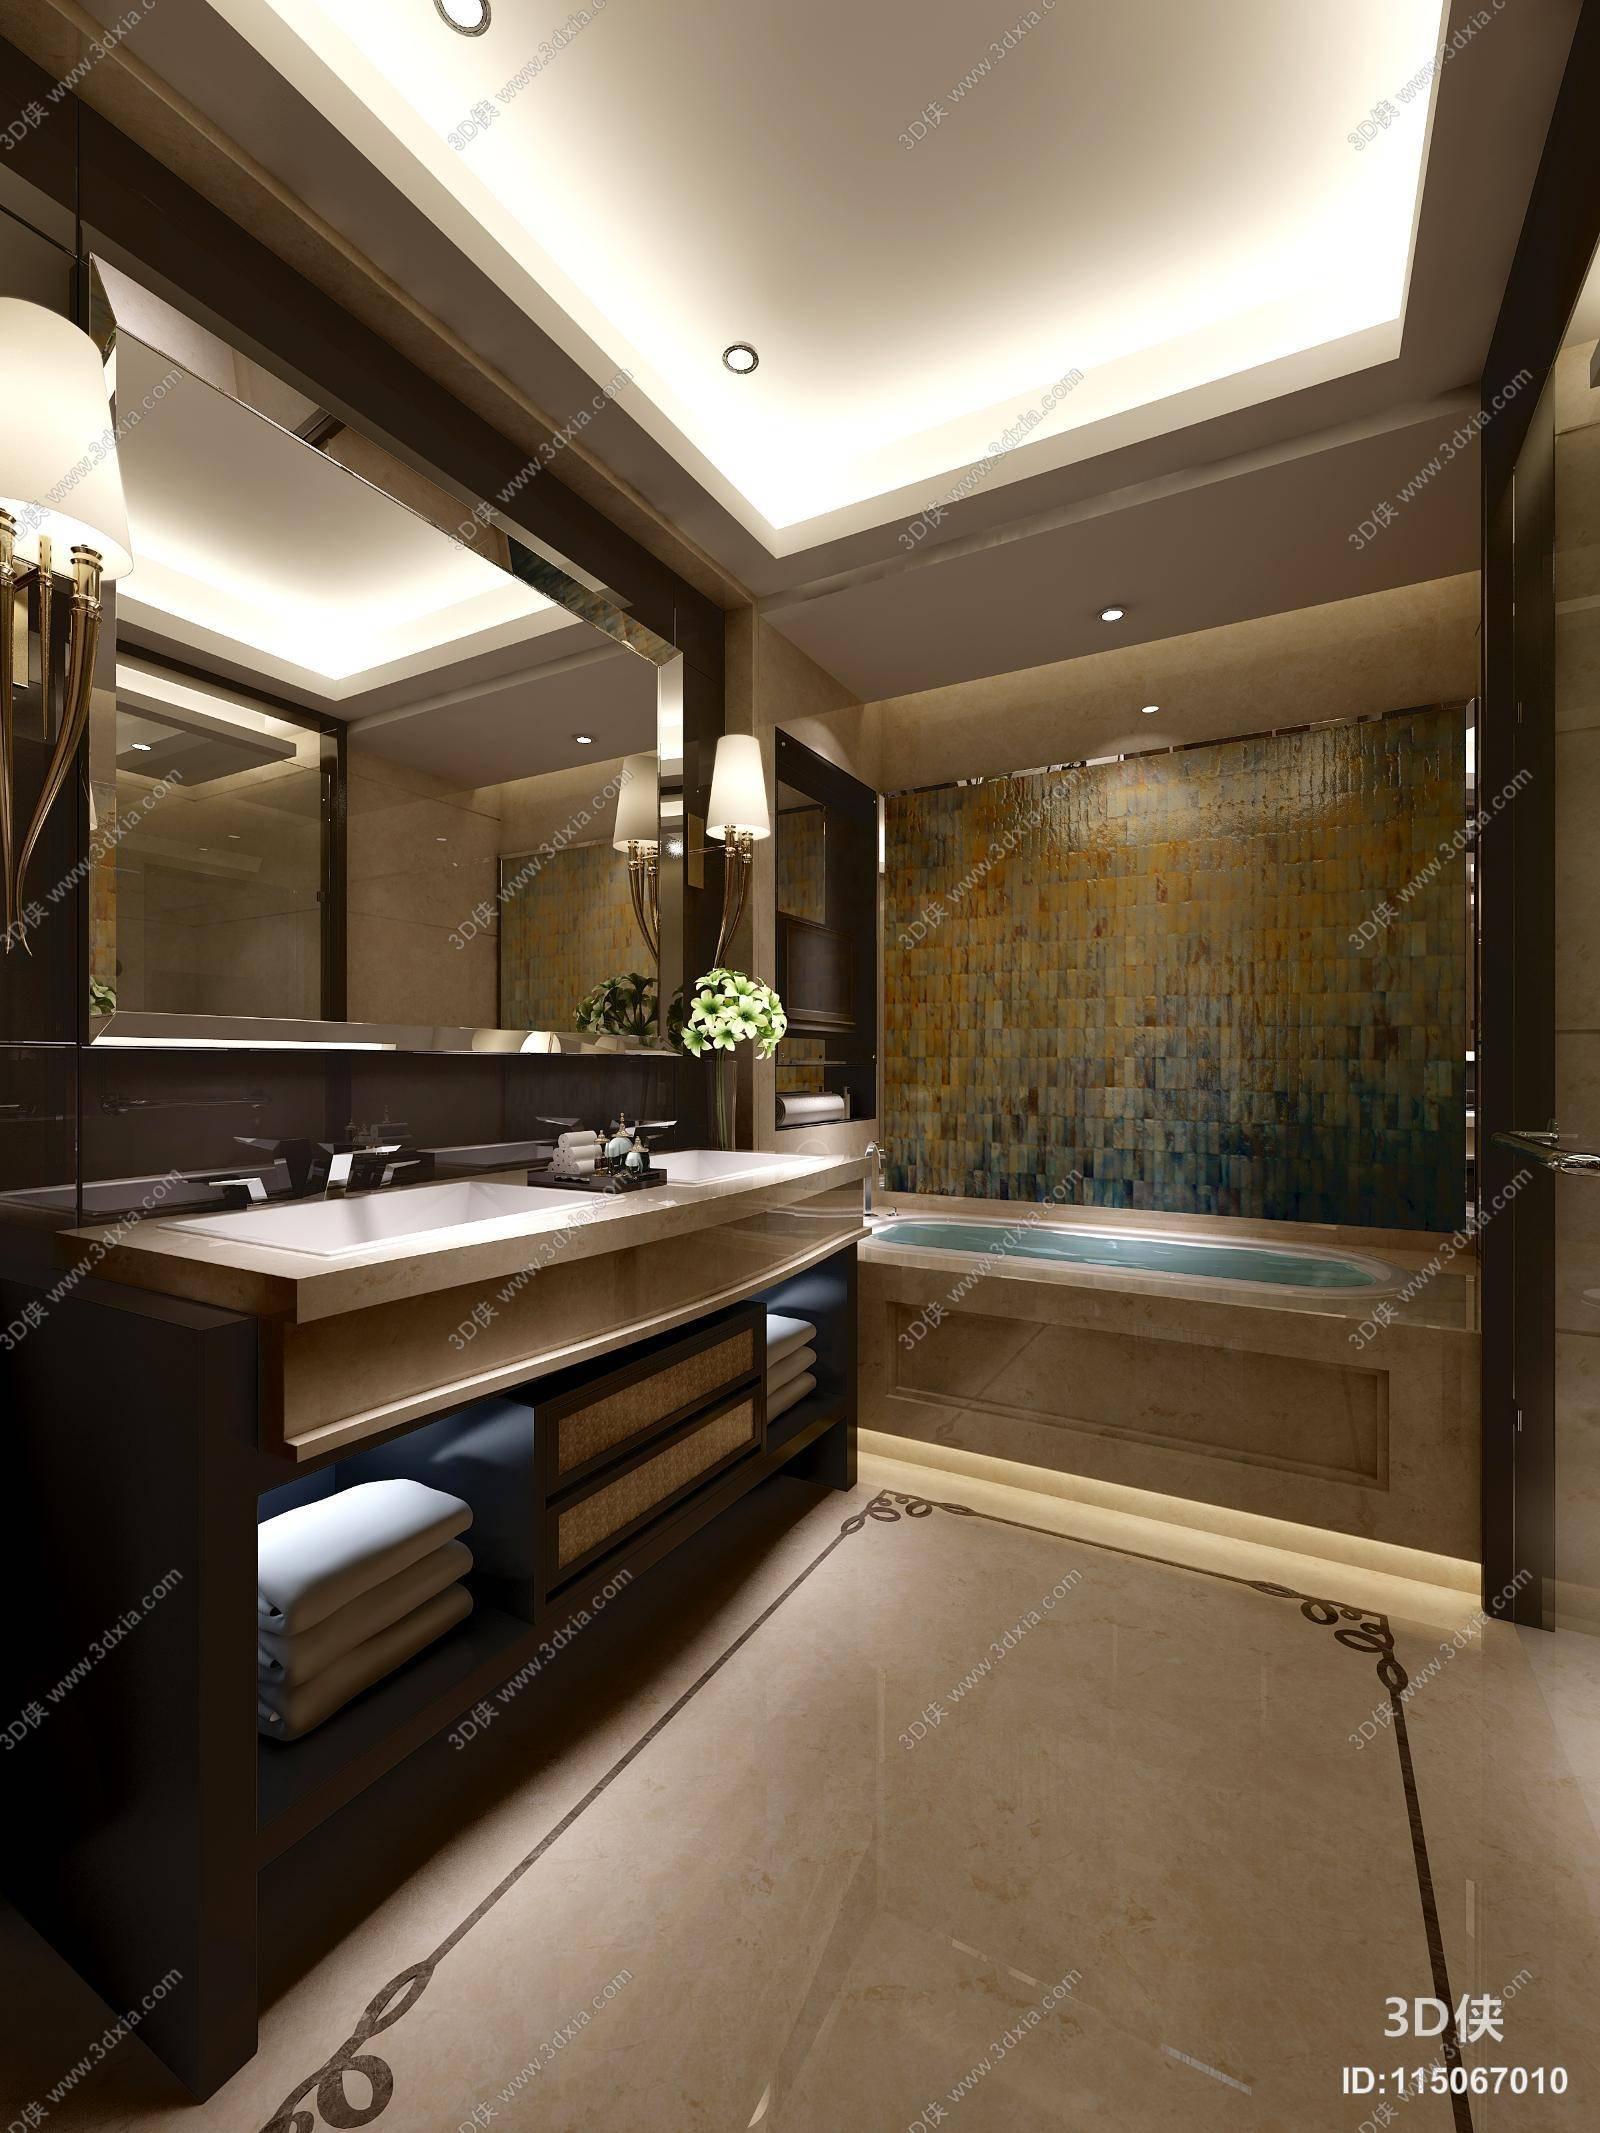 现代棕色木艺浴室柜,编号是115067010,格式是max 2010,建议使用3dmax